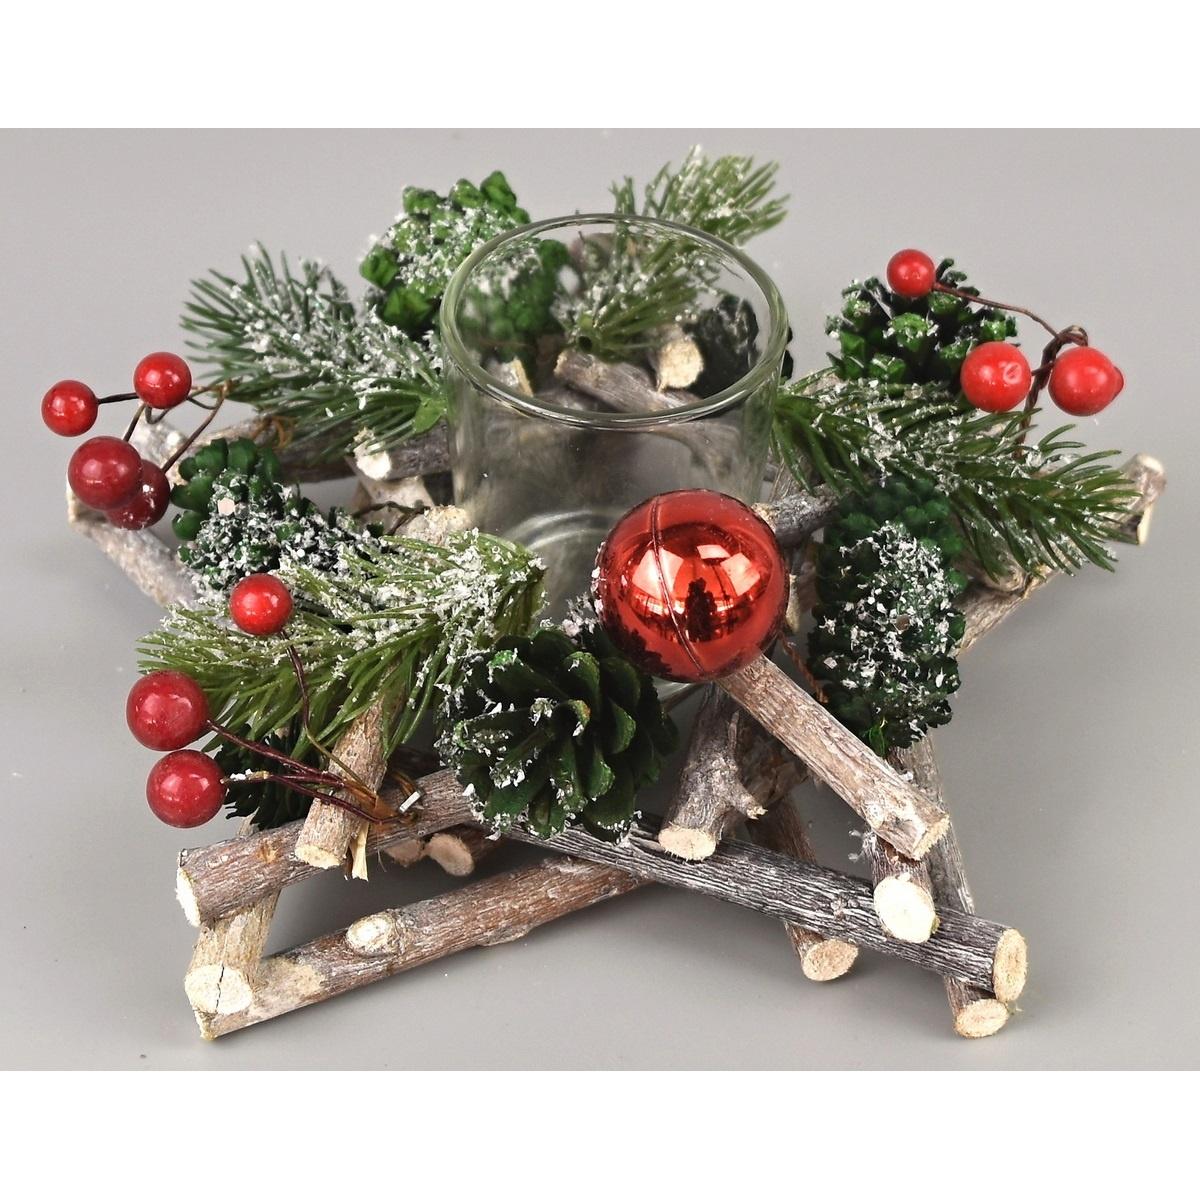 Vánoční svícen Green pine, 20 x 8 cm